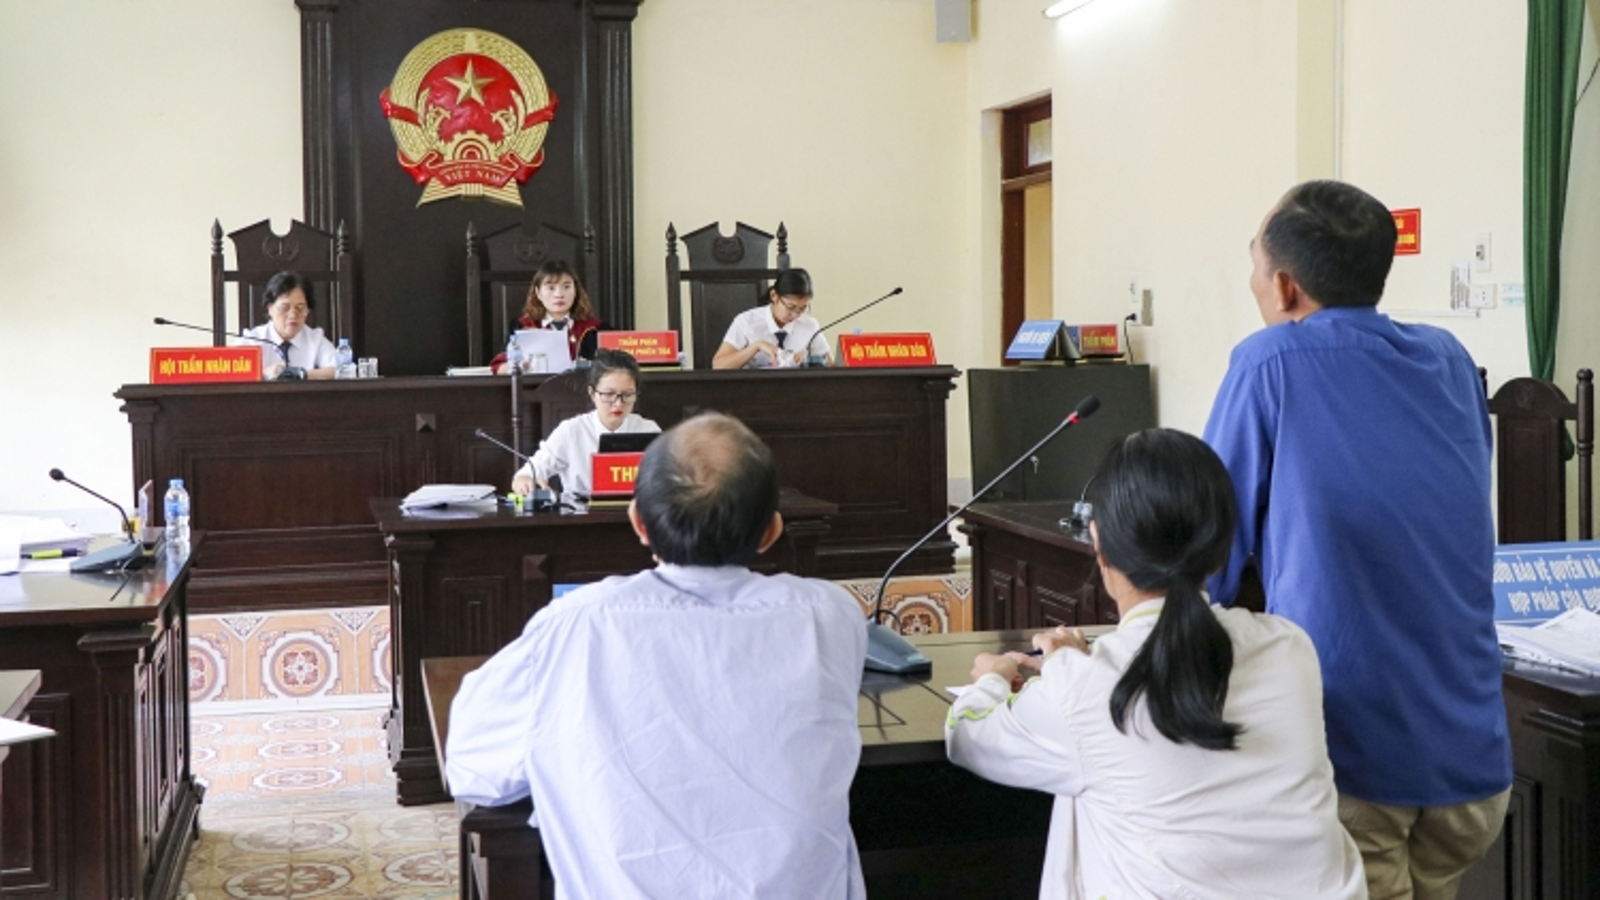 Phiên tòa xét xử việc bồi thường cho gia đình chịu án oan 28 năm ở Điện Biên